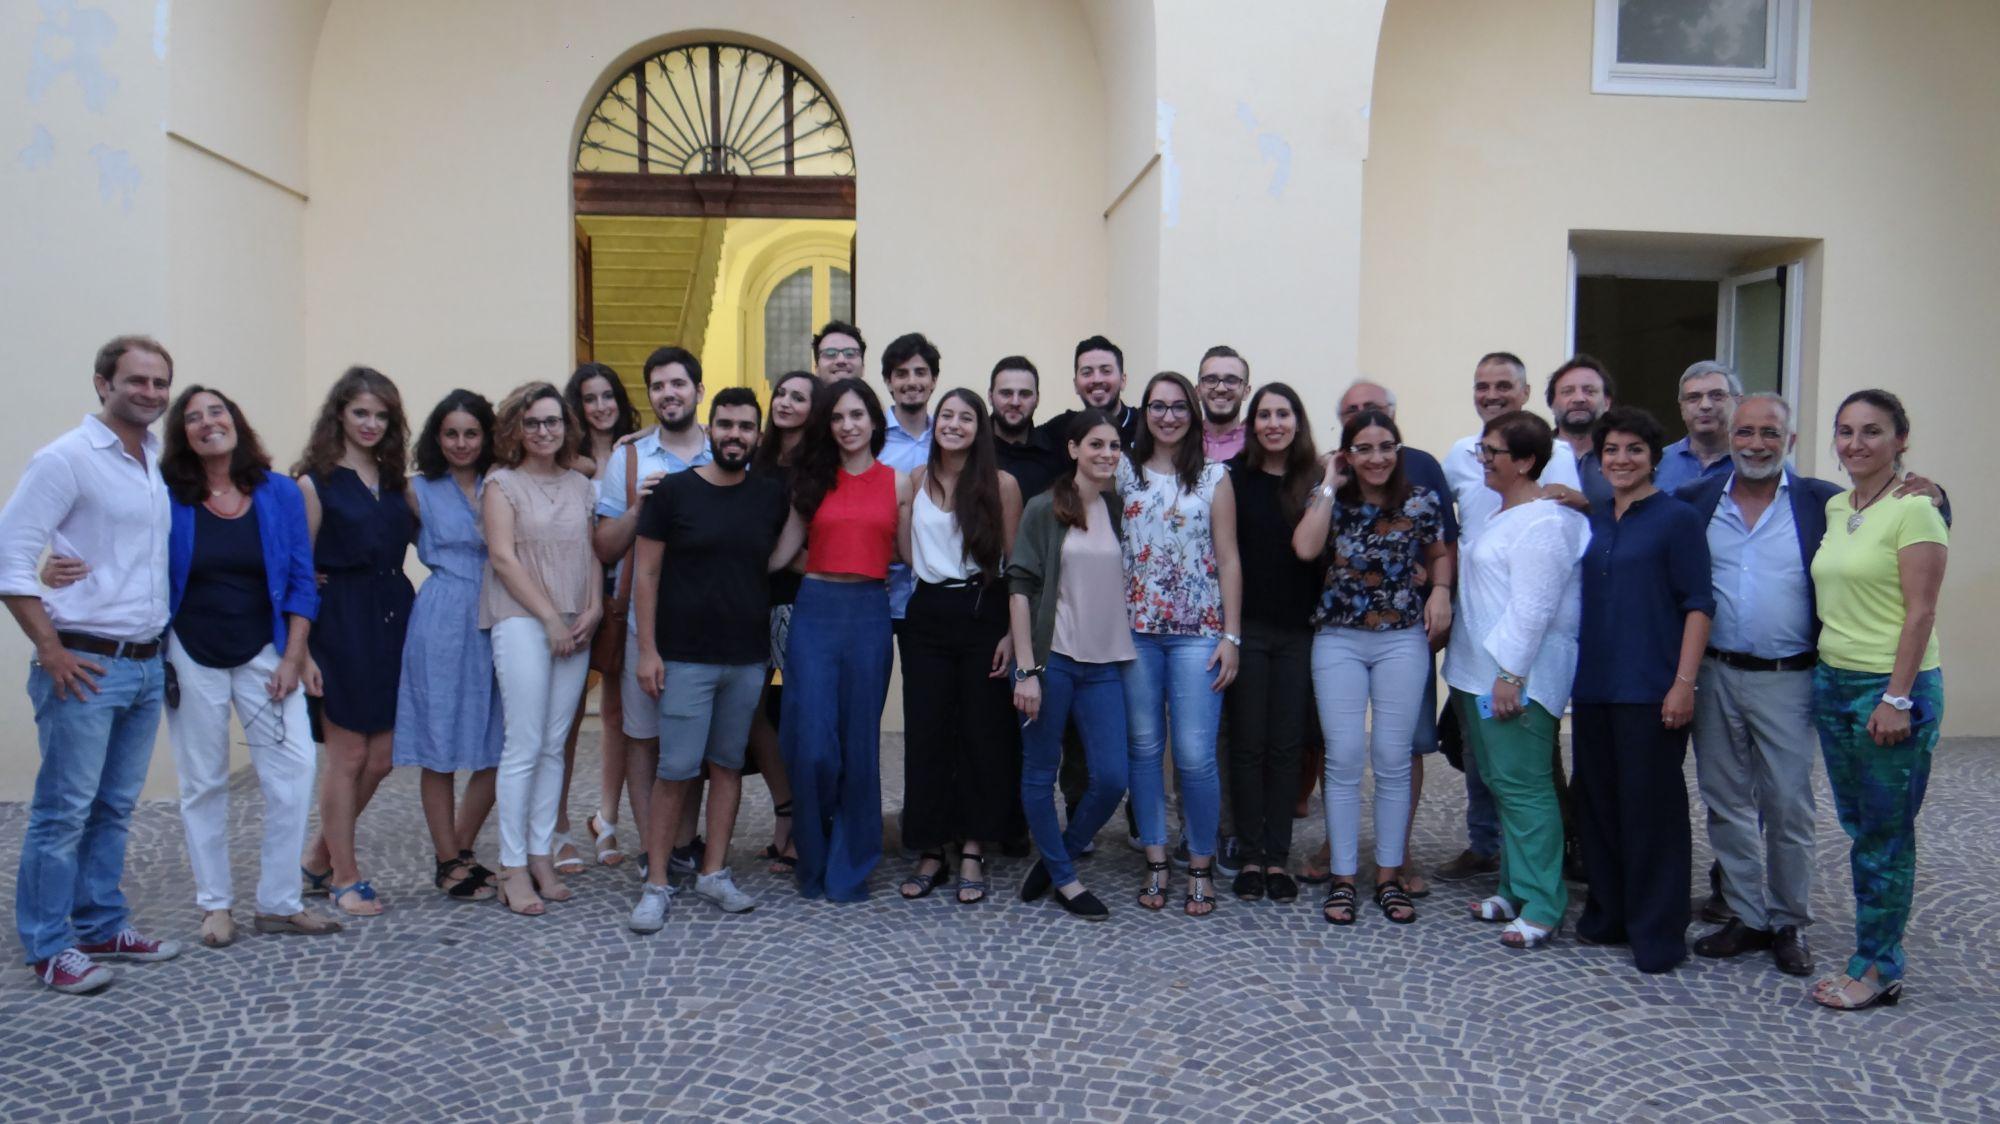 Lavoro Come Architetto Napoli la futura acquamorta vista dagli studenti dell'università di